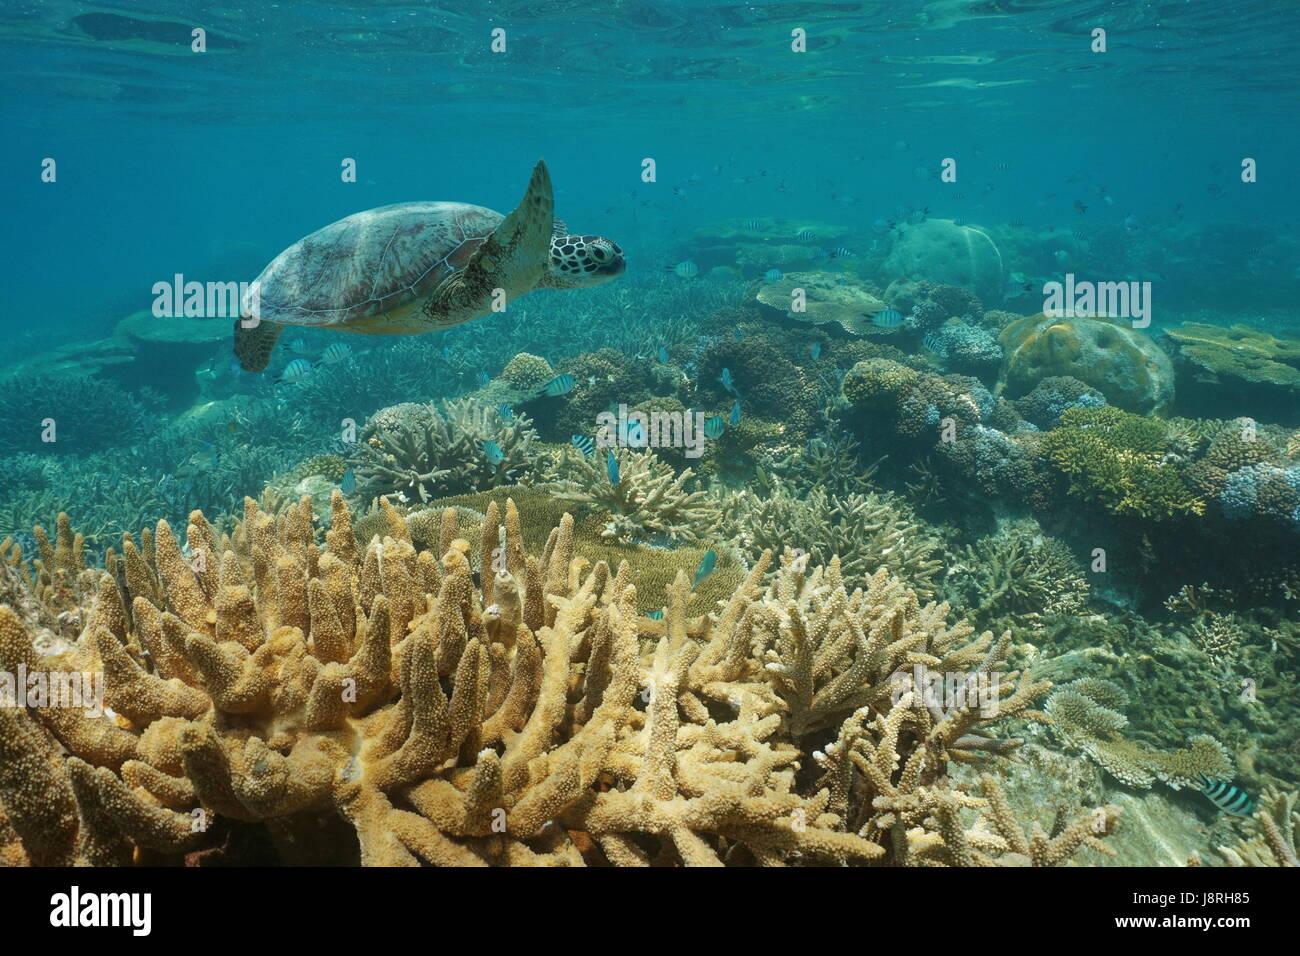 Un sous-marin tortue de mer verte nage sur un récif corallien sain avec des poissons, Nouvelle Calédonie, Photo Stock